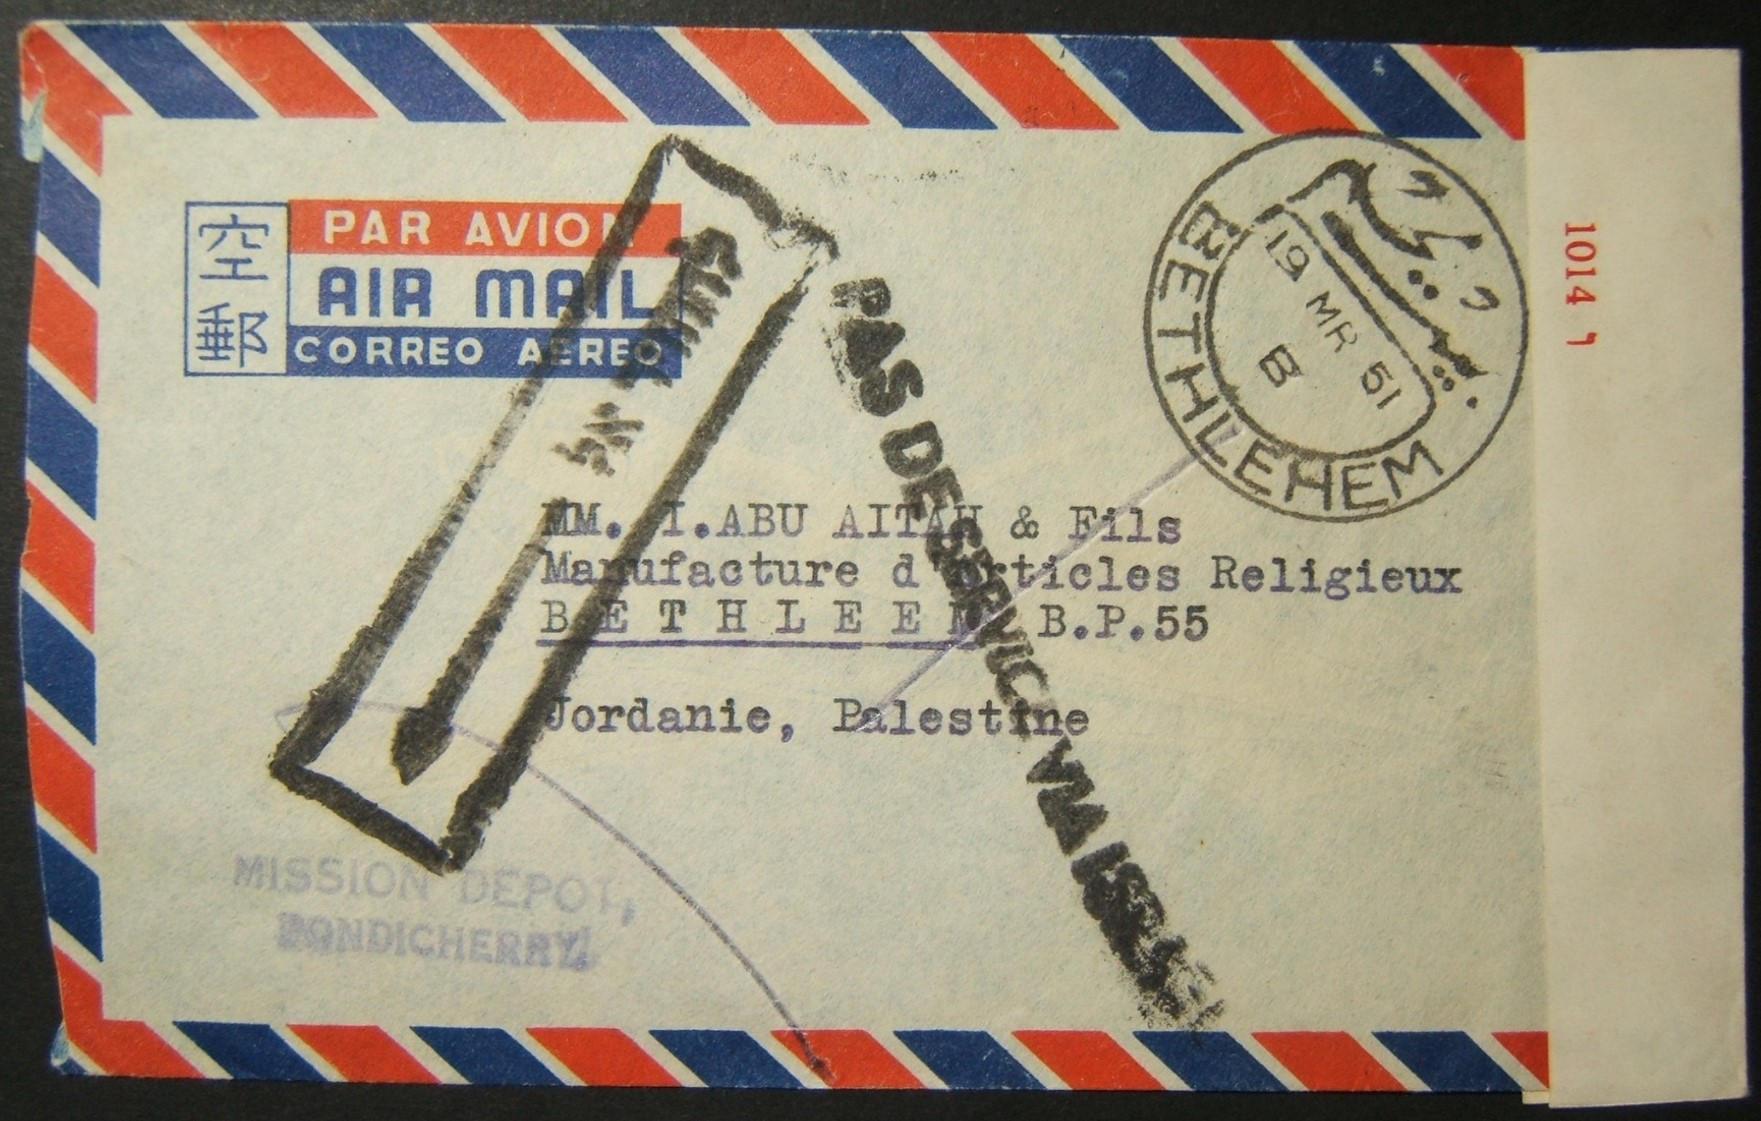 1/1951 דואר אימייל הודי לבת'לם, מוטעה לישראל; צנזורה וחזרה; להתרעם